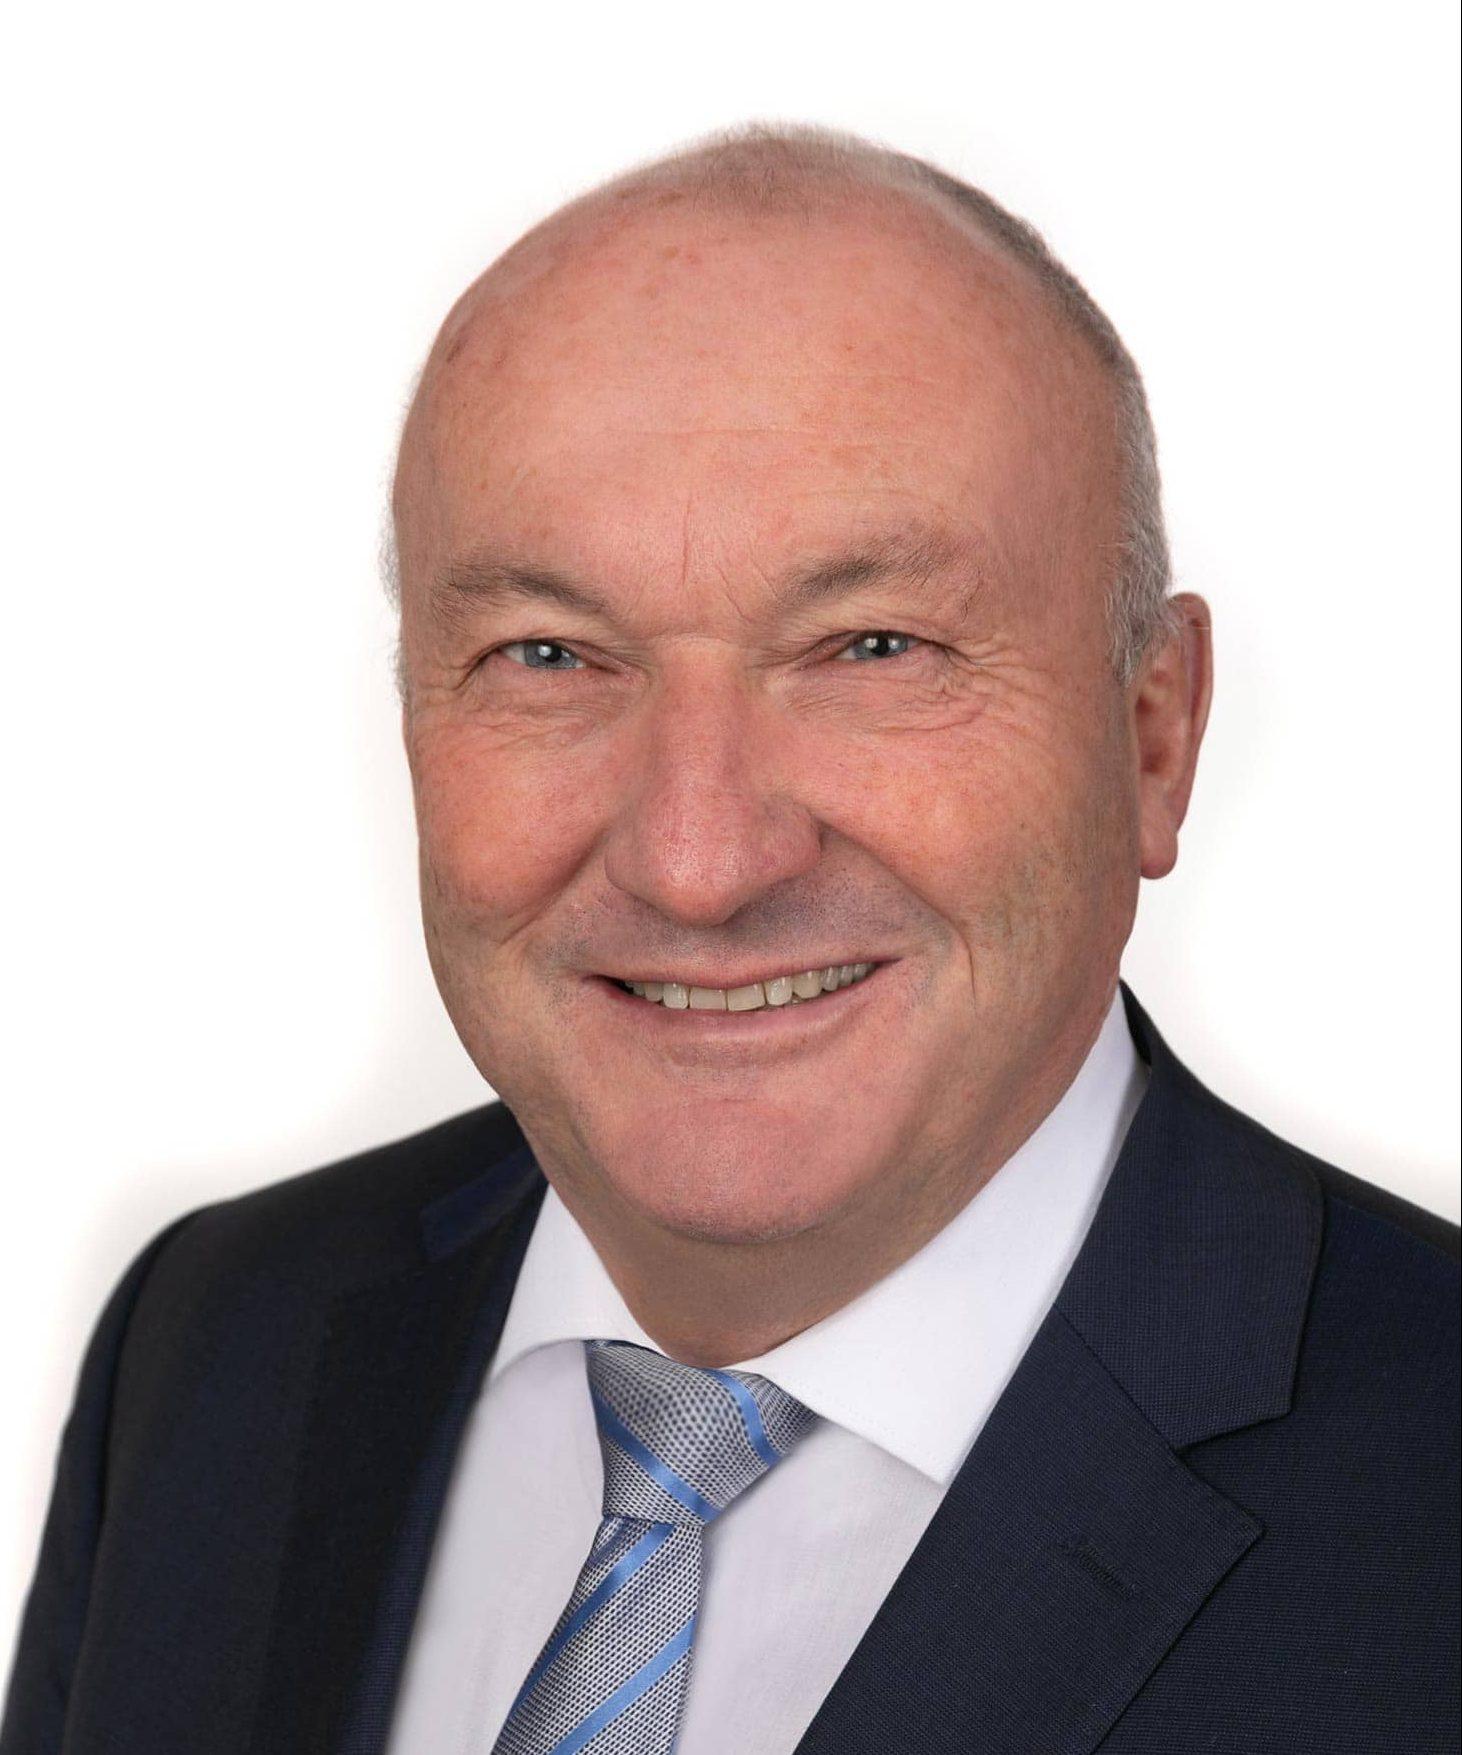 In Nittendorf wurde der Bürgermeister bestätigt. Helmut Sammüller (Freie Wähler/FW-UWG Nittendorf) gewann mit 71,44 Prozent vor dem CSU-Kontrahenten Bawidamann mit 28,56 Prozent. Foto: Fotostudio Daniel